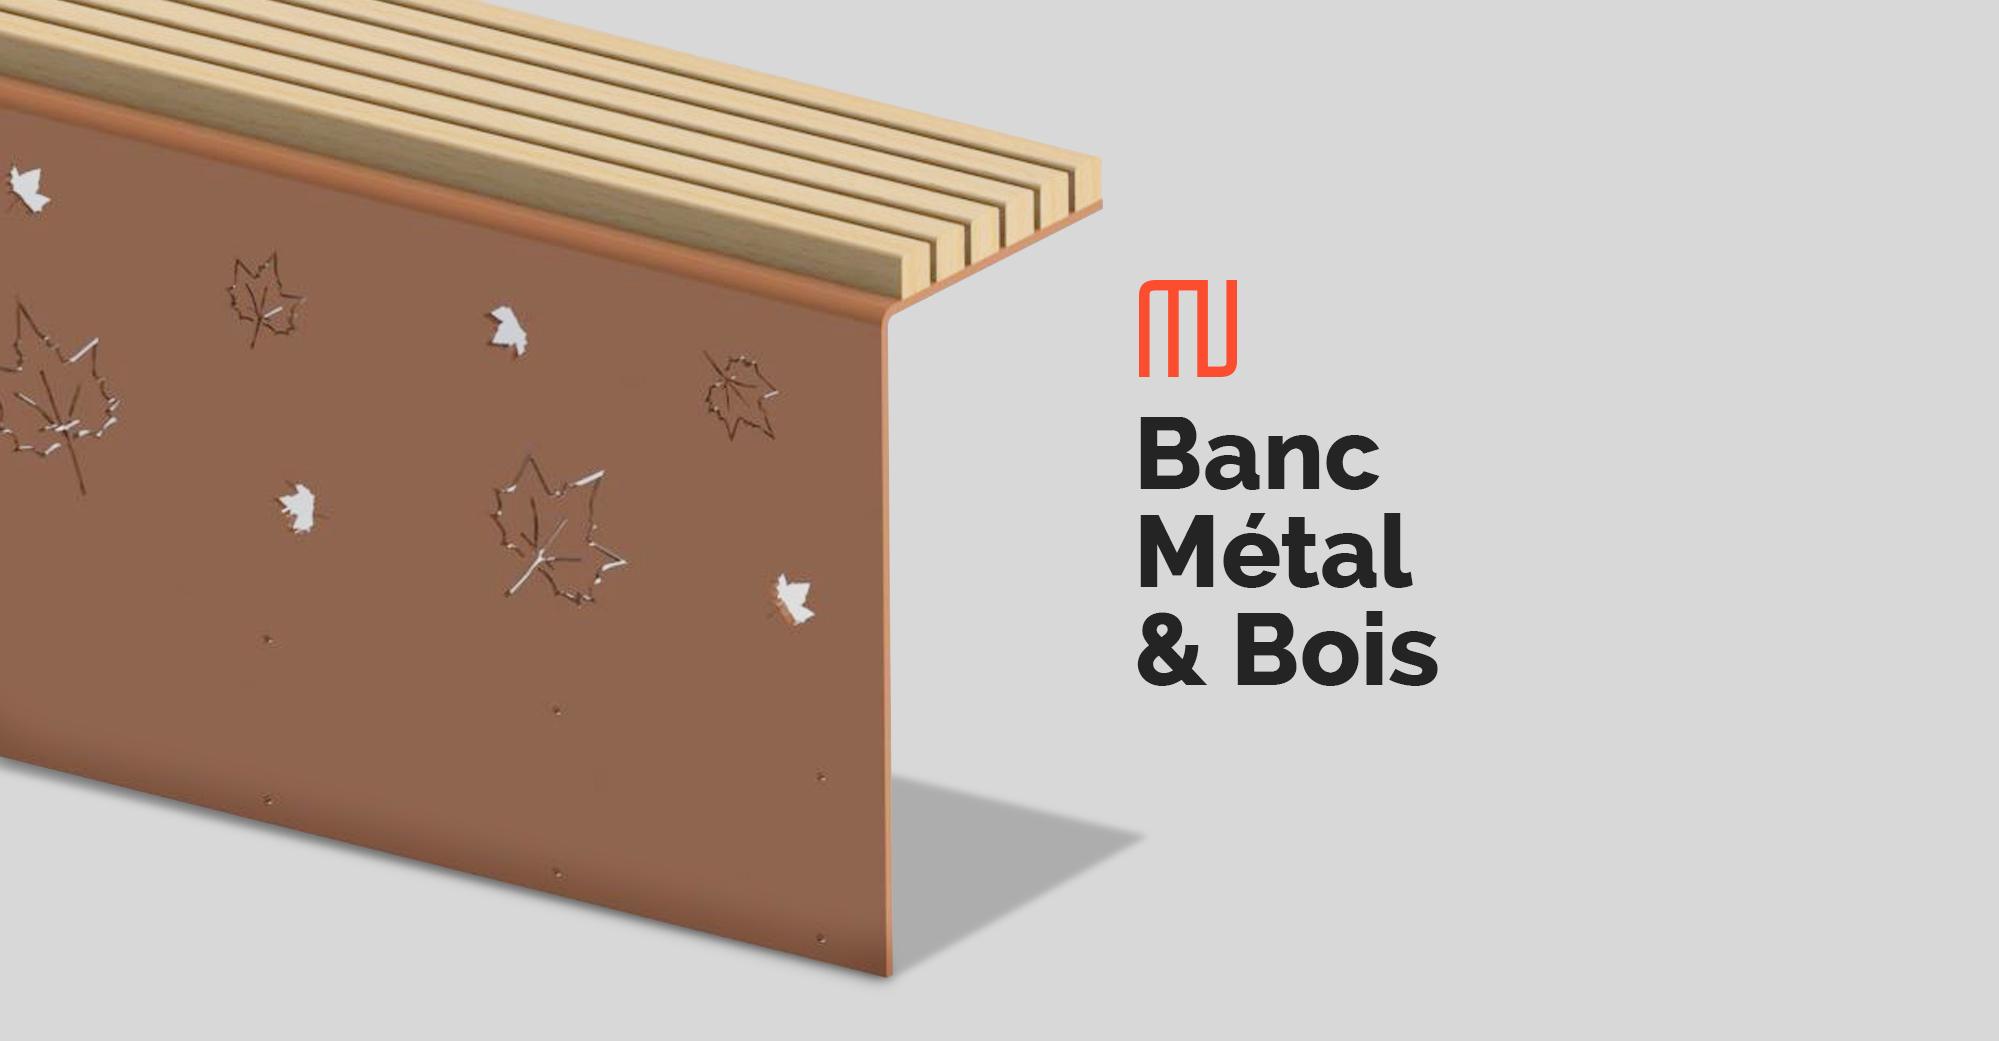 Banc Métal & Bois Mobilier Urbain